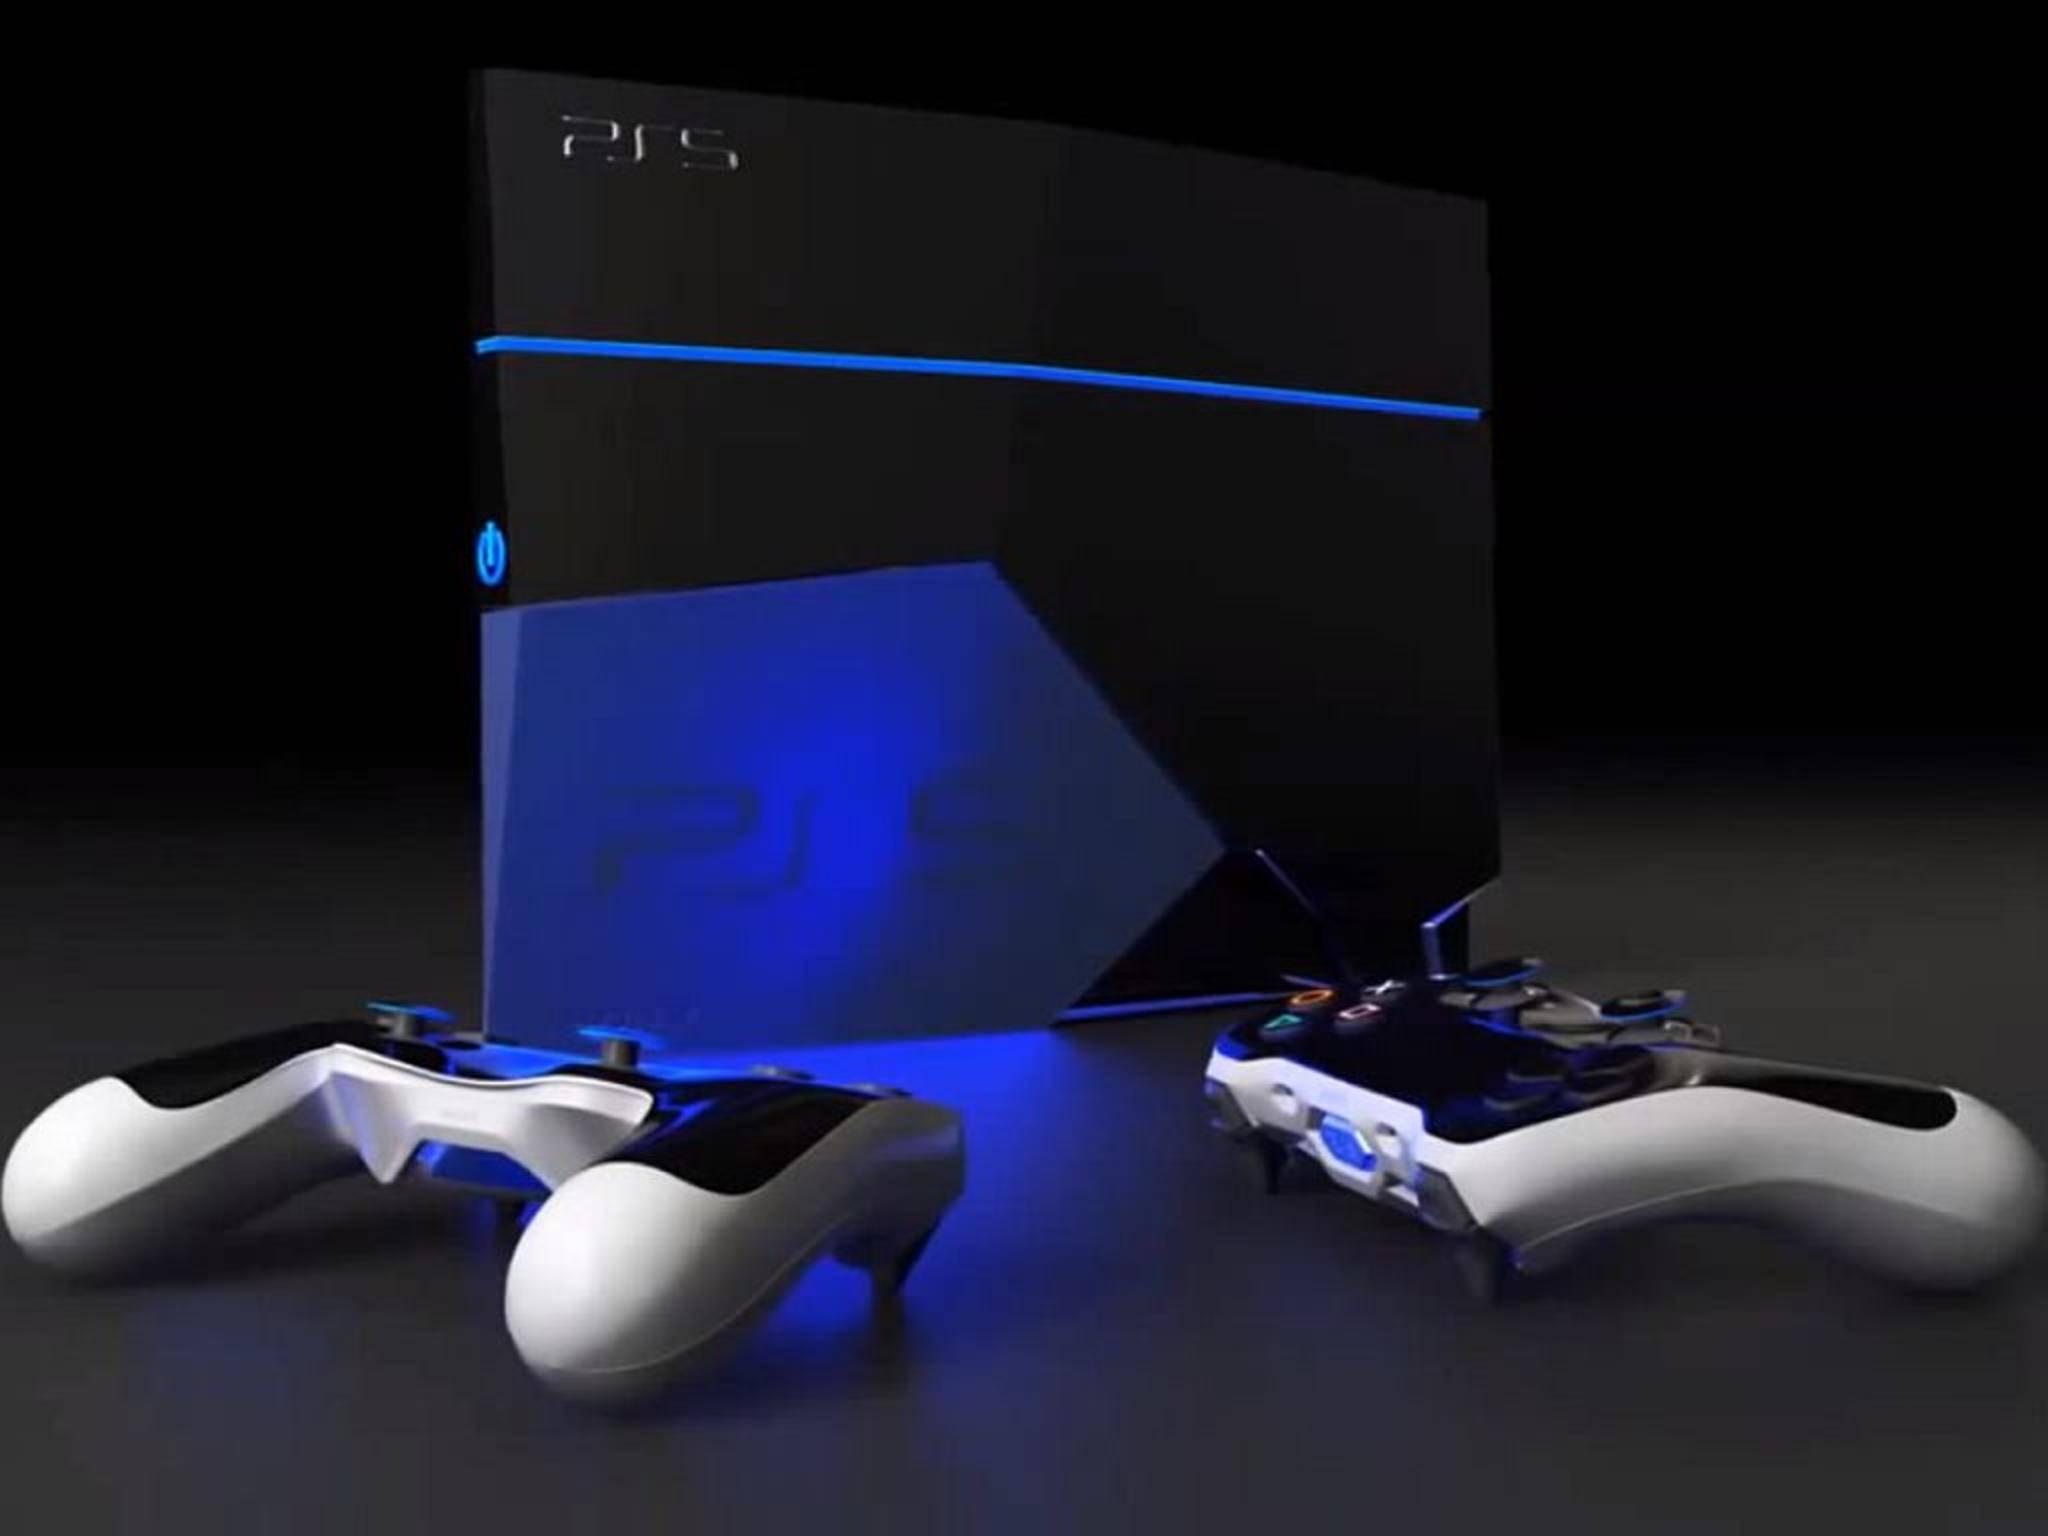 Die PlayStation 5 wird von Experten frühestens 2019 erwartet.